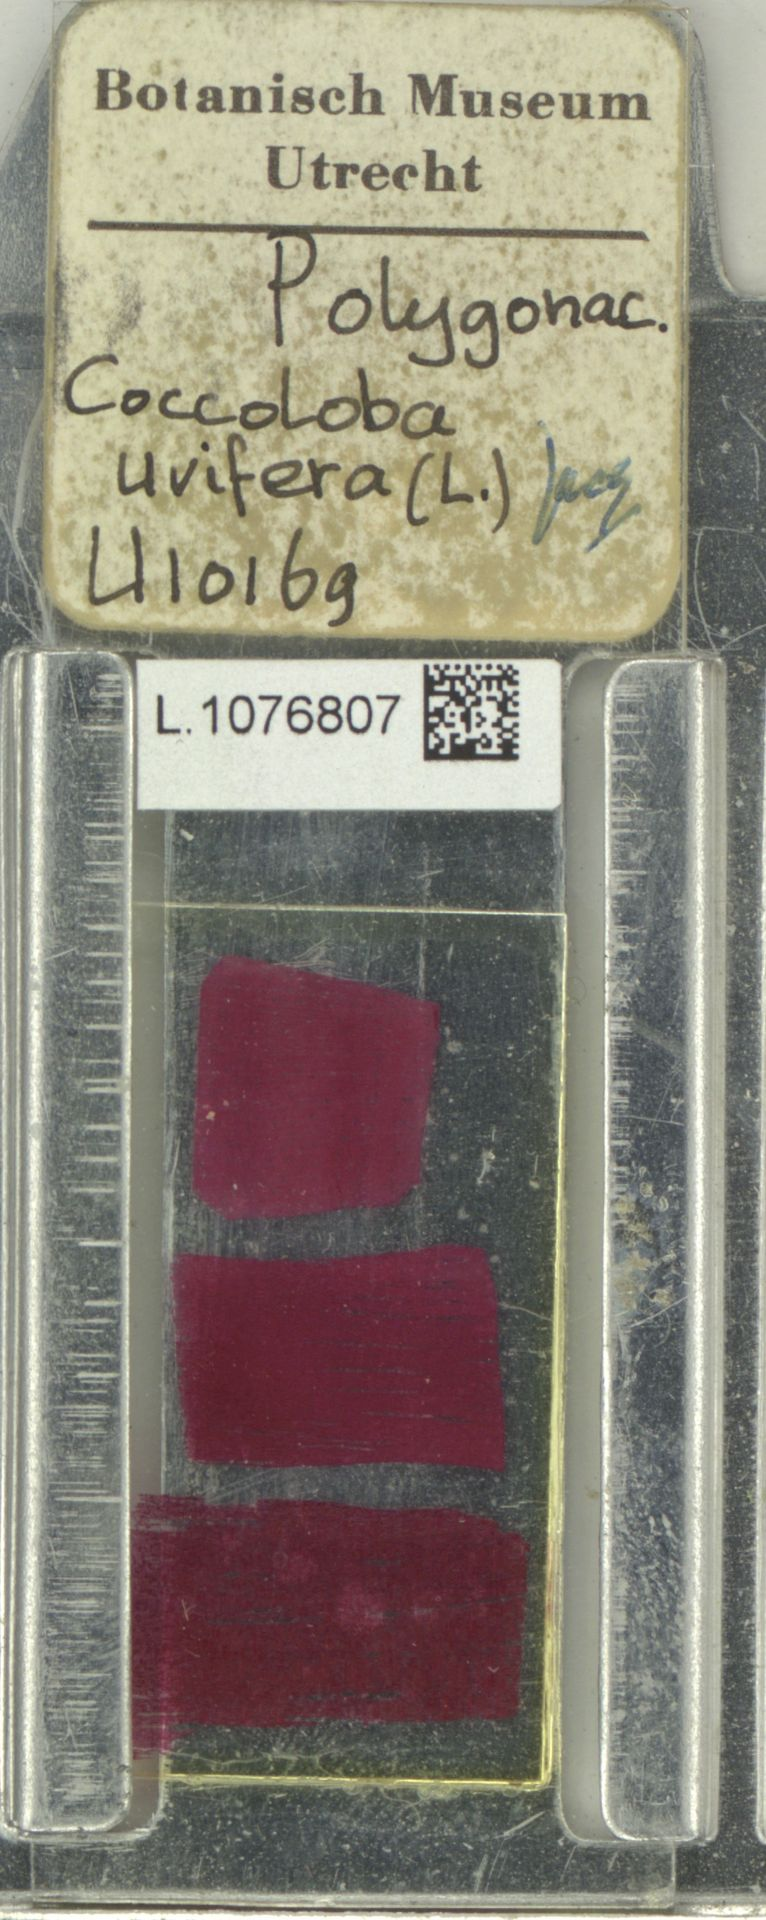 L.1076807 | Coccoloba uvifera (L.) L.